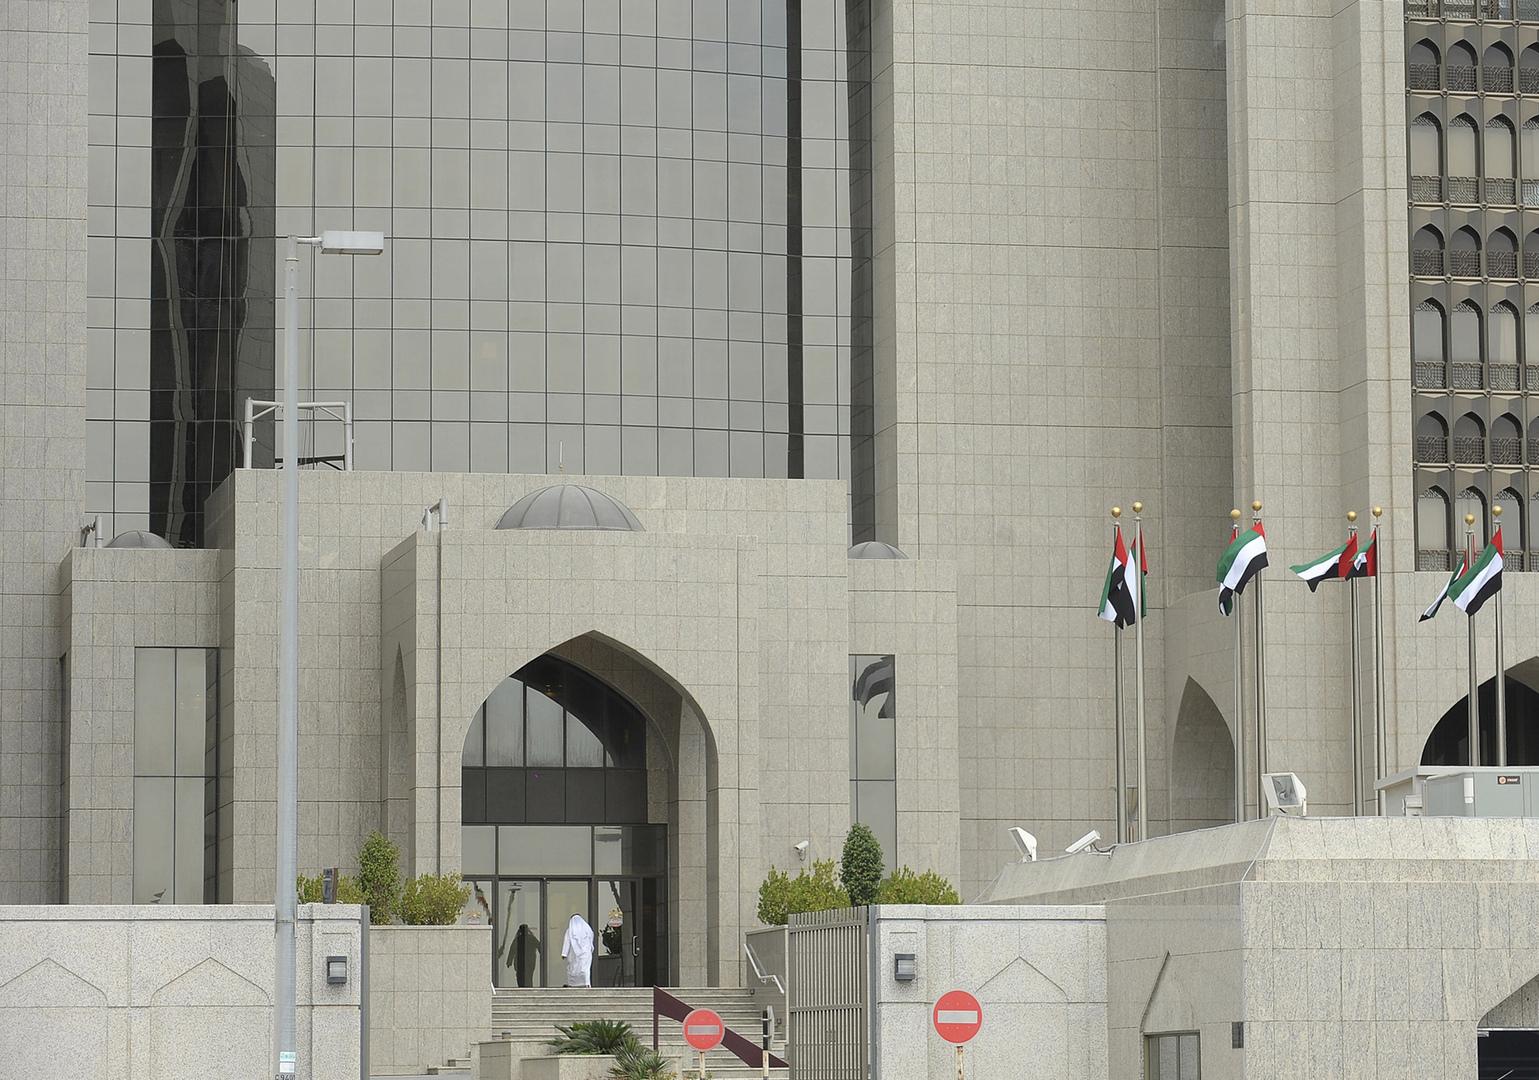 الفرع الرئيسي للبنك المركزي لدولة الإمارات العربية المتحدة في أبو ظبي